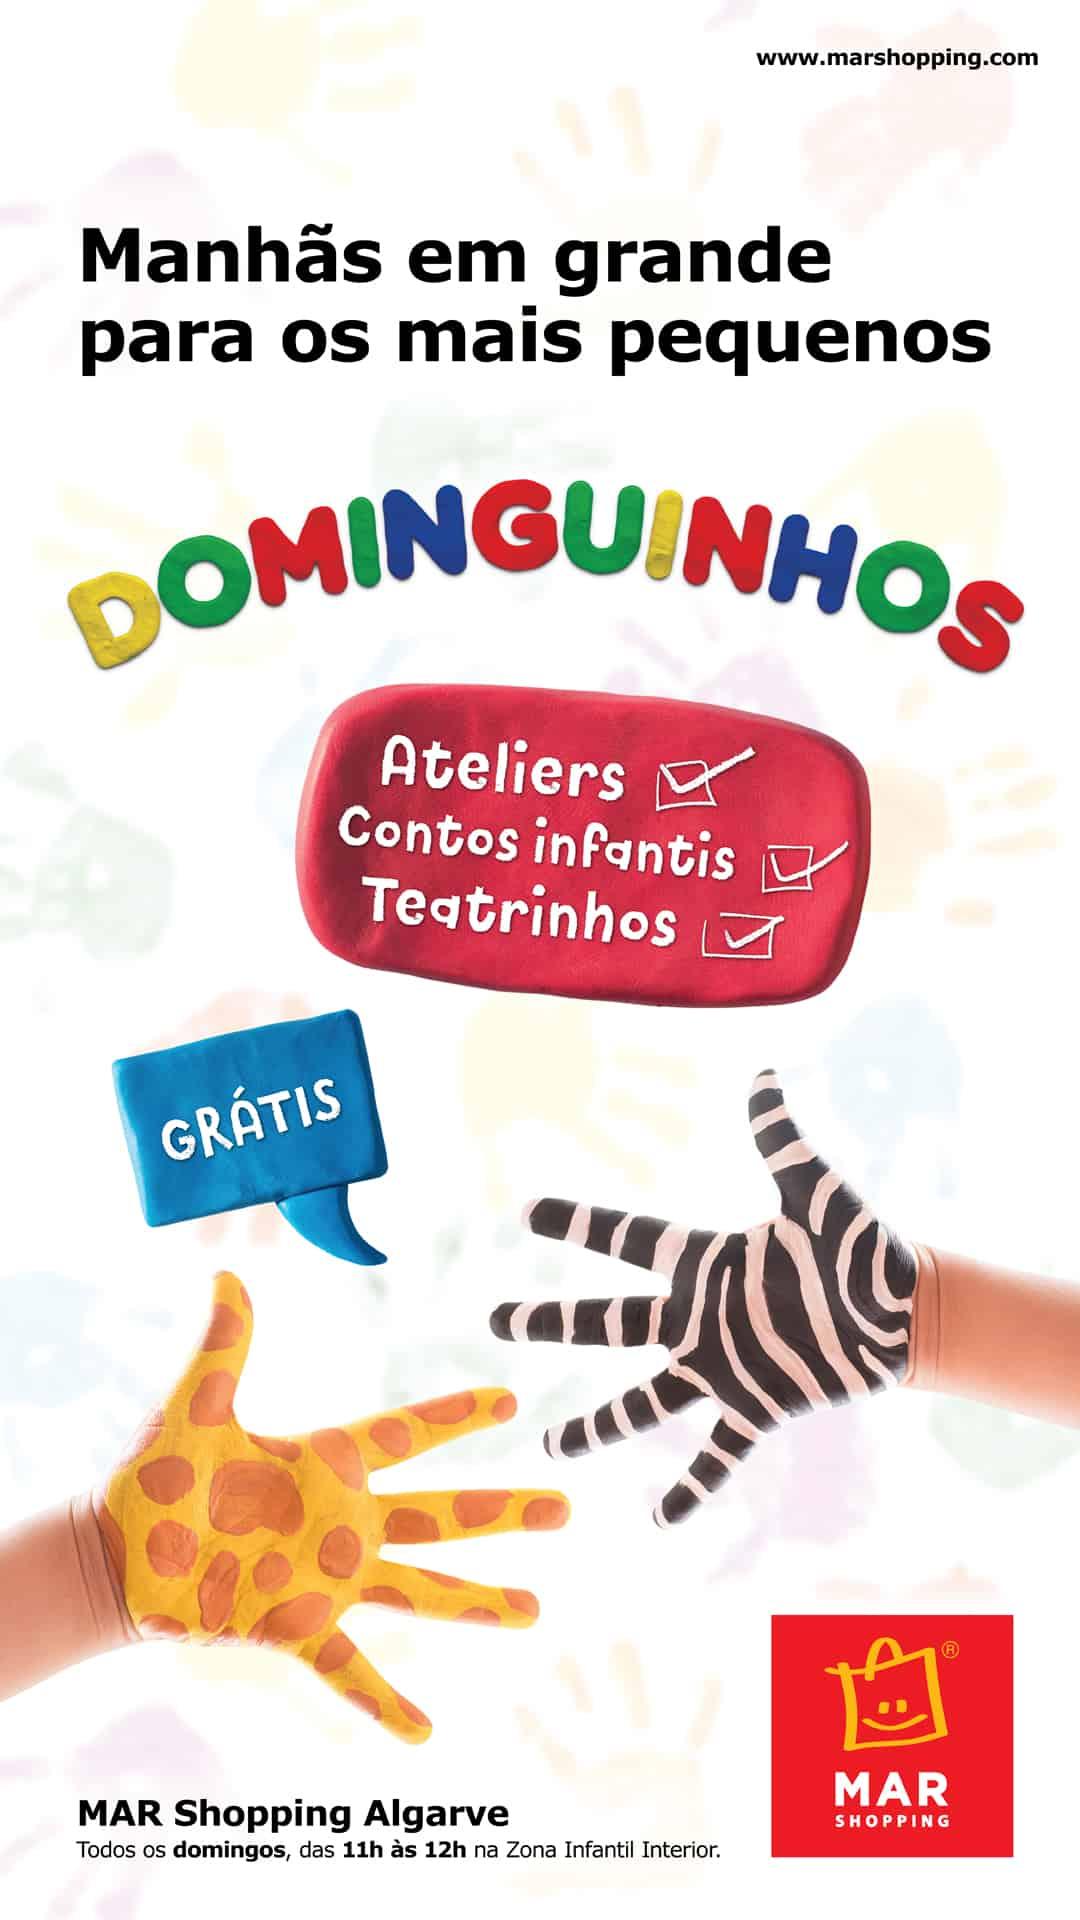 MAR Shopping Algarve associa-se ao Dia Mundial de Luta Contra a Sida